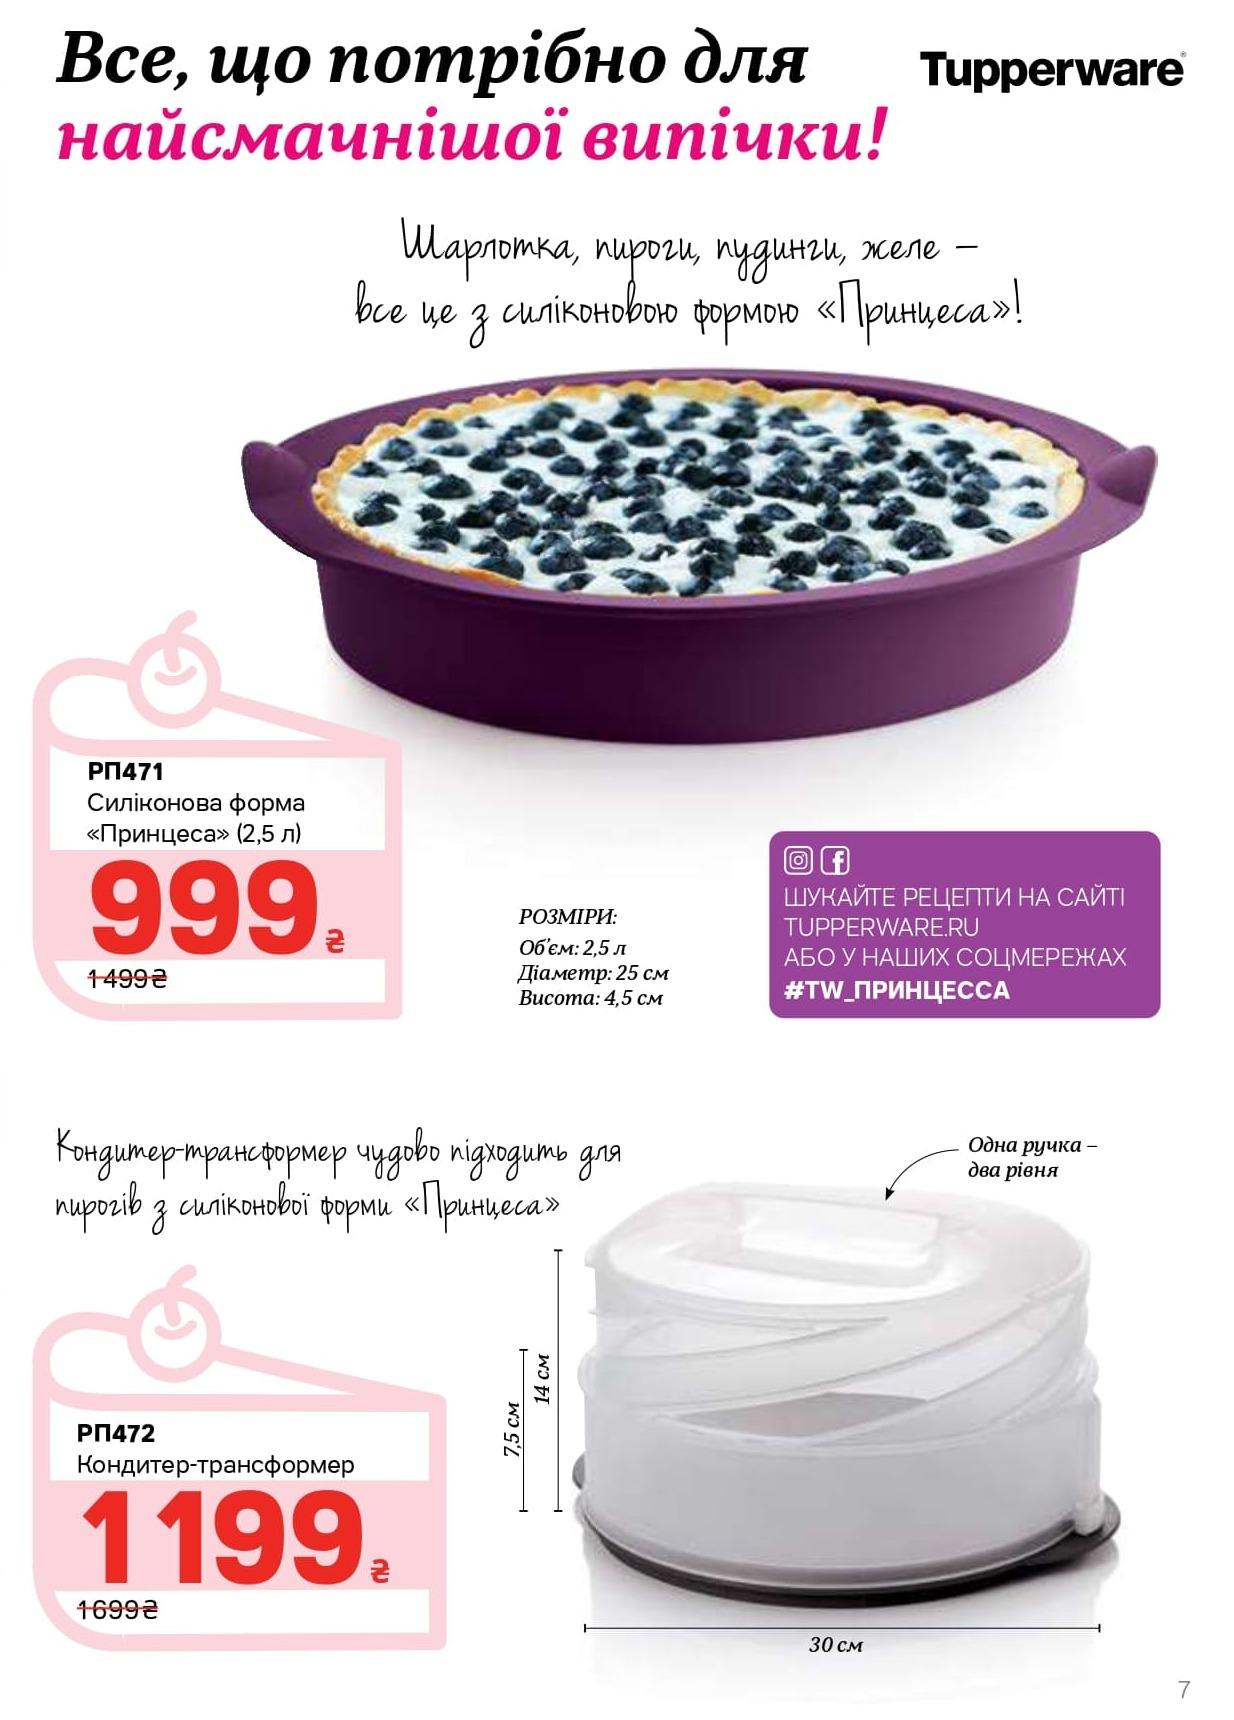 Tupperware для выпечки - быстрее и полезней.